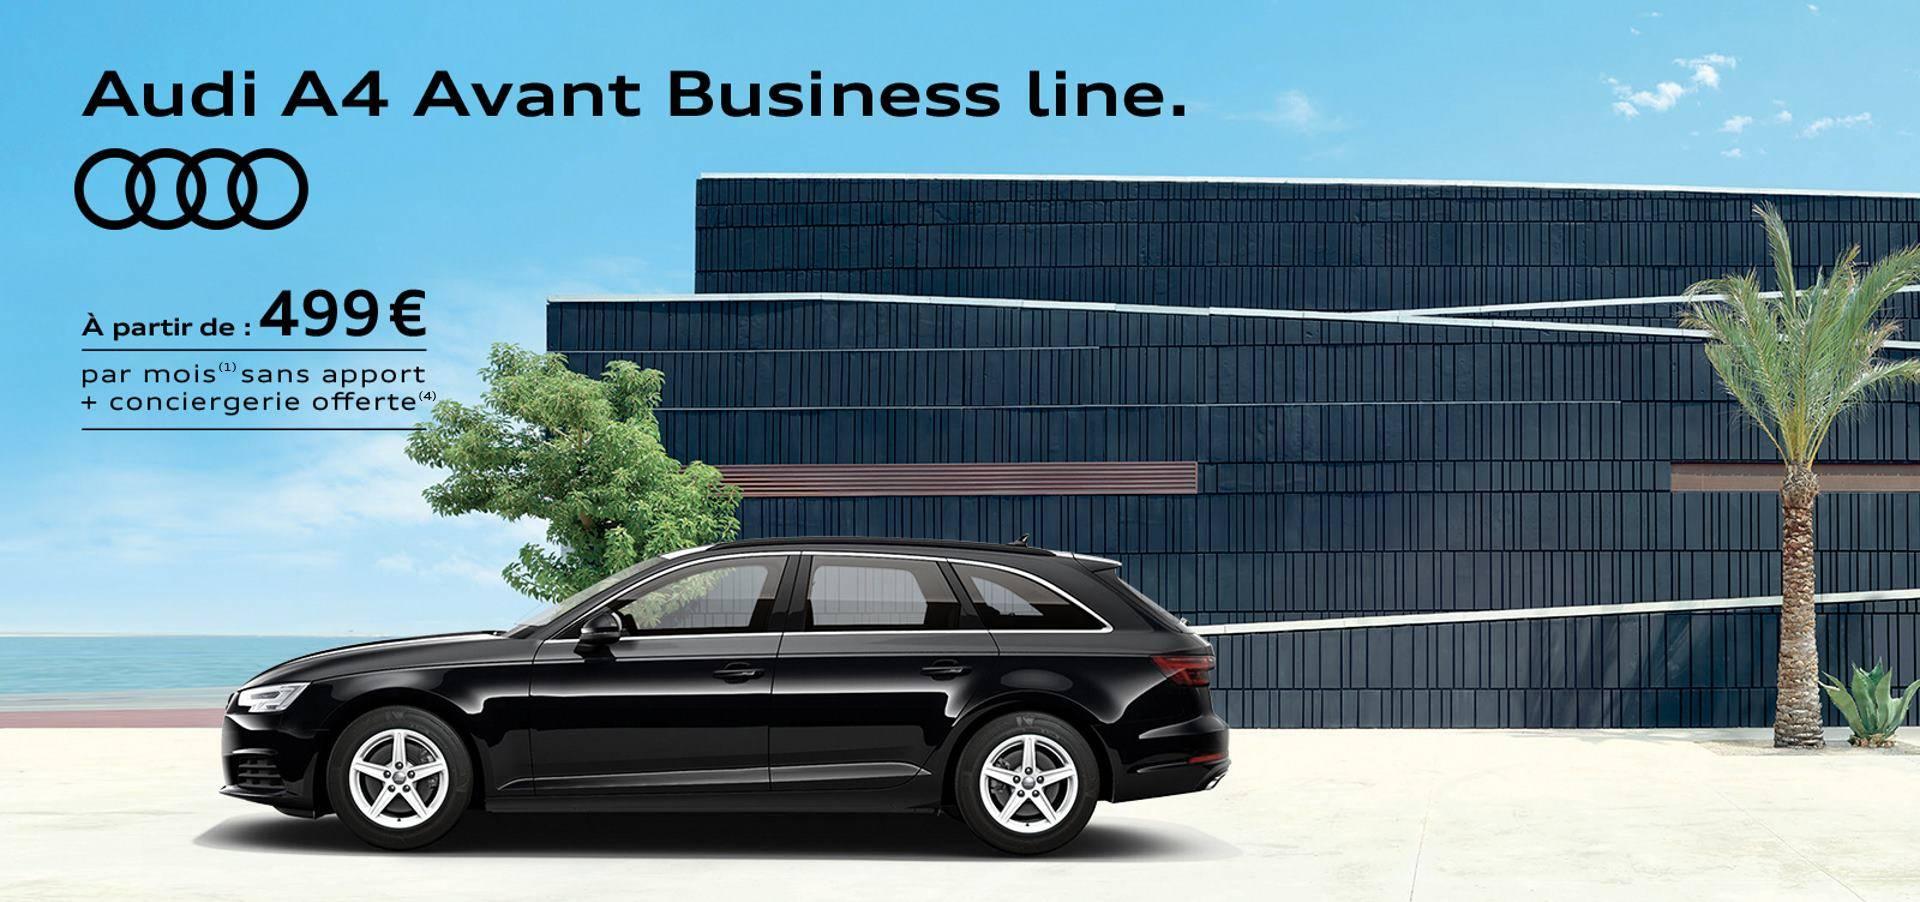 Audi A4 Avant Business line: offre sociétés